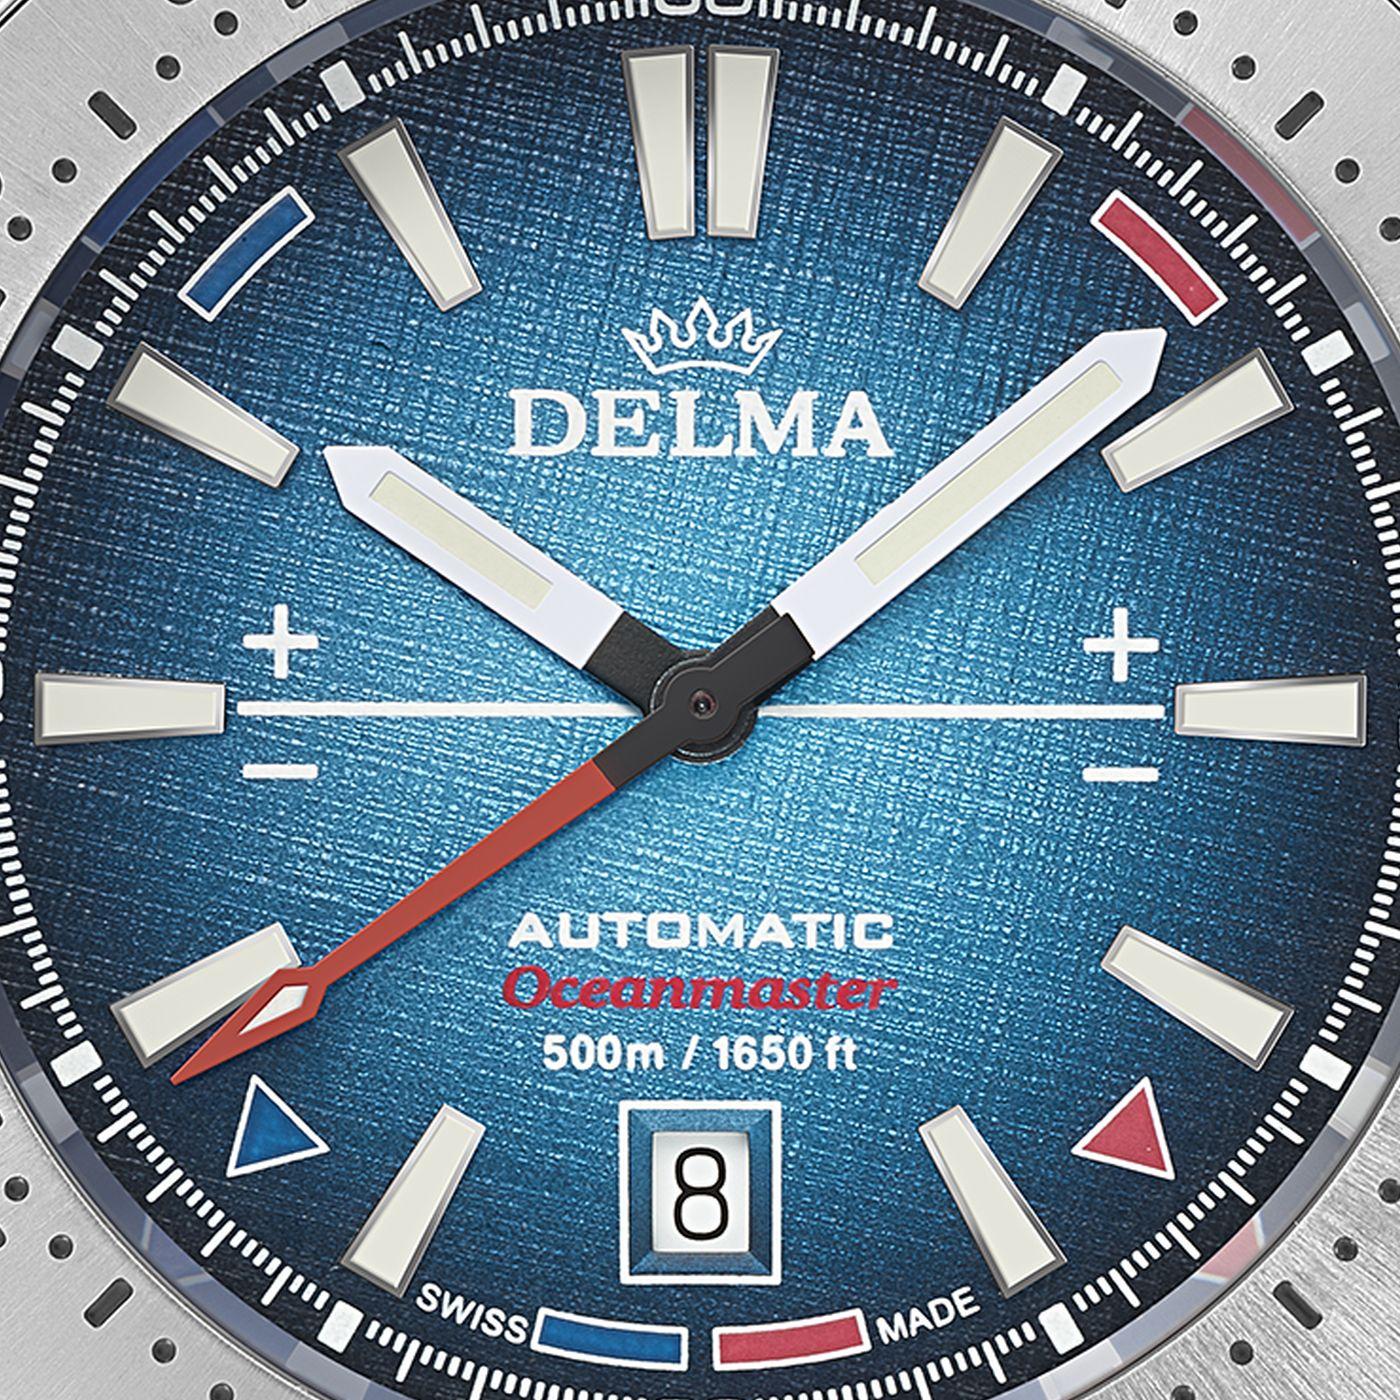 Delma Oceanmaster Antarctica Limited Edition - alapvetően egész jól sikerült megragadni